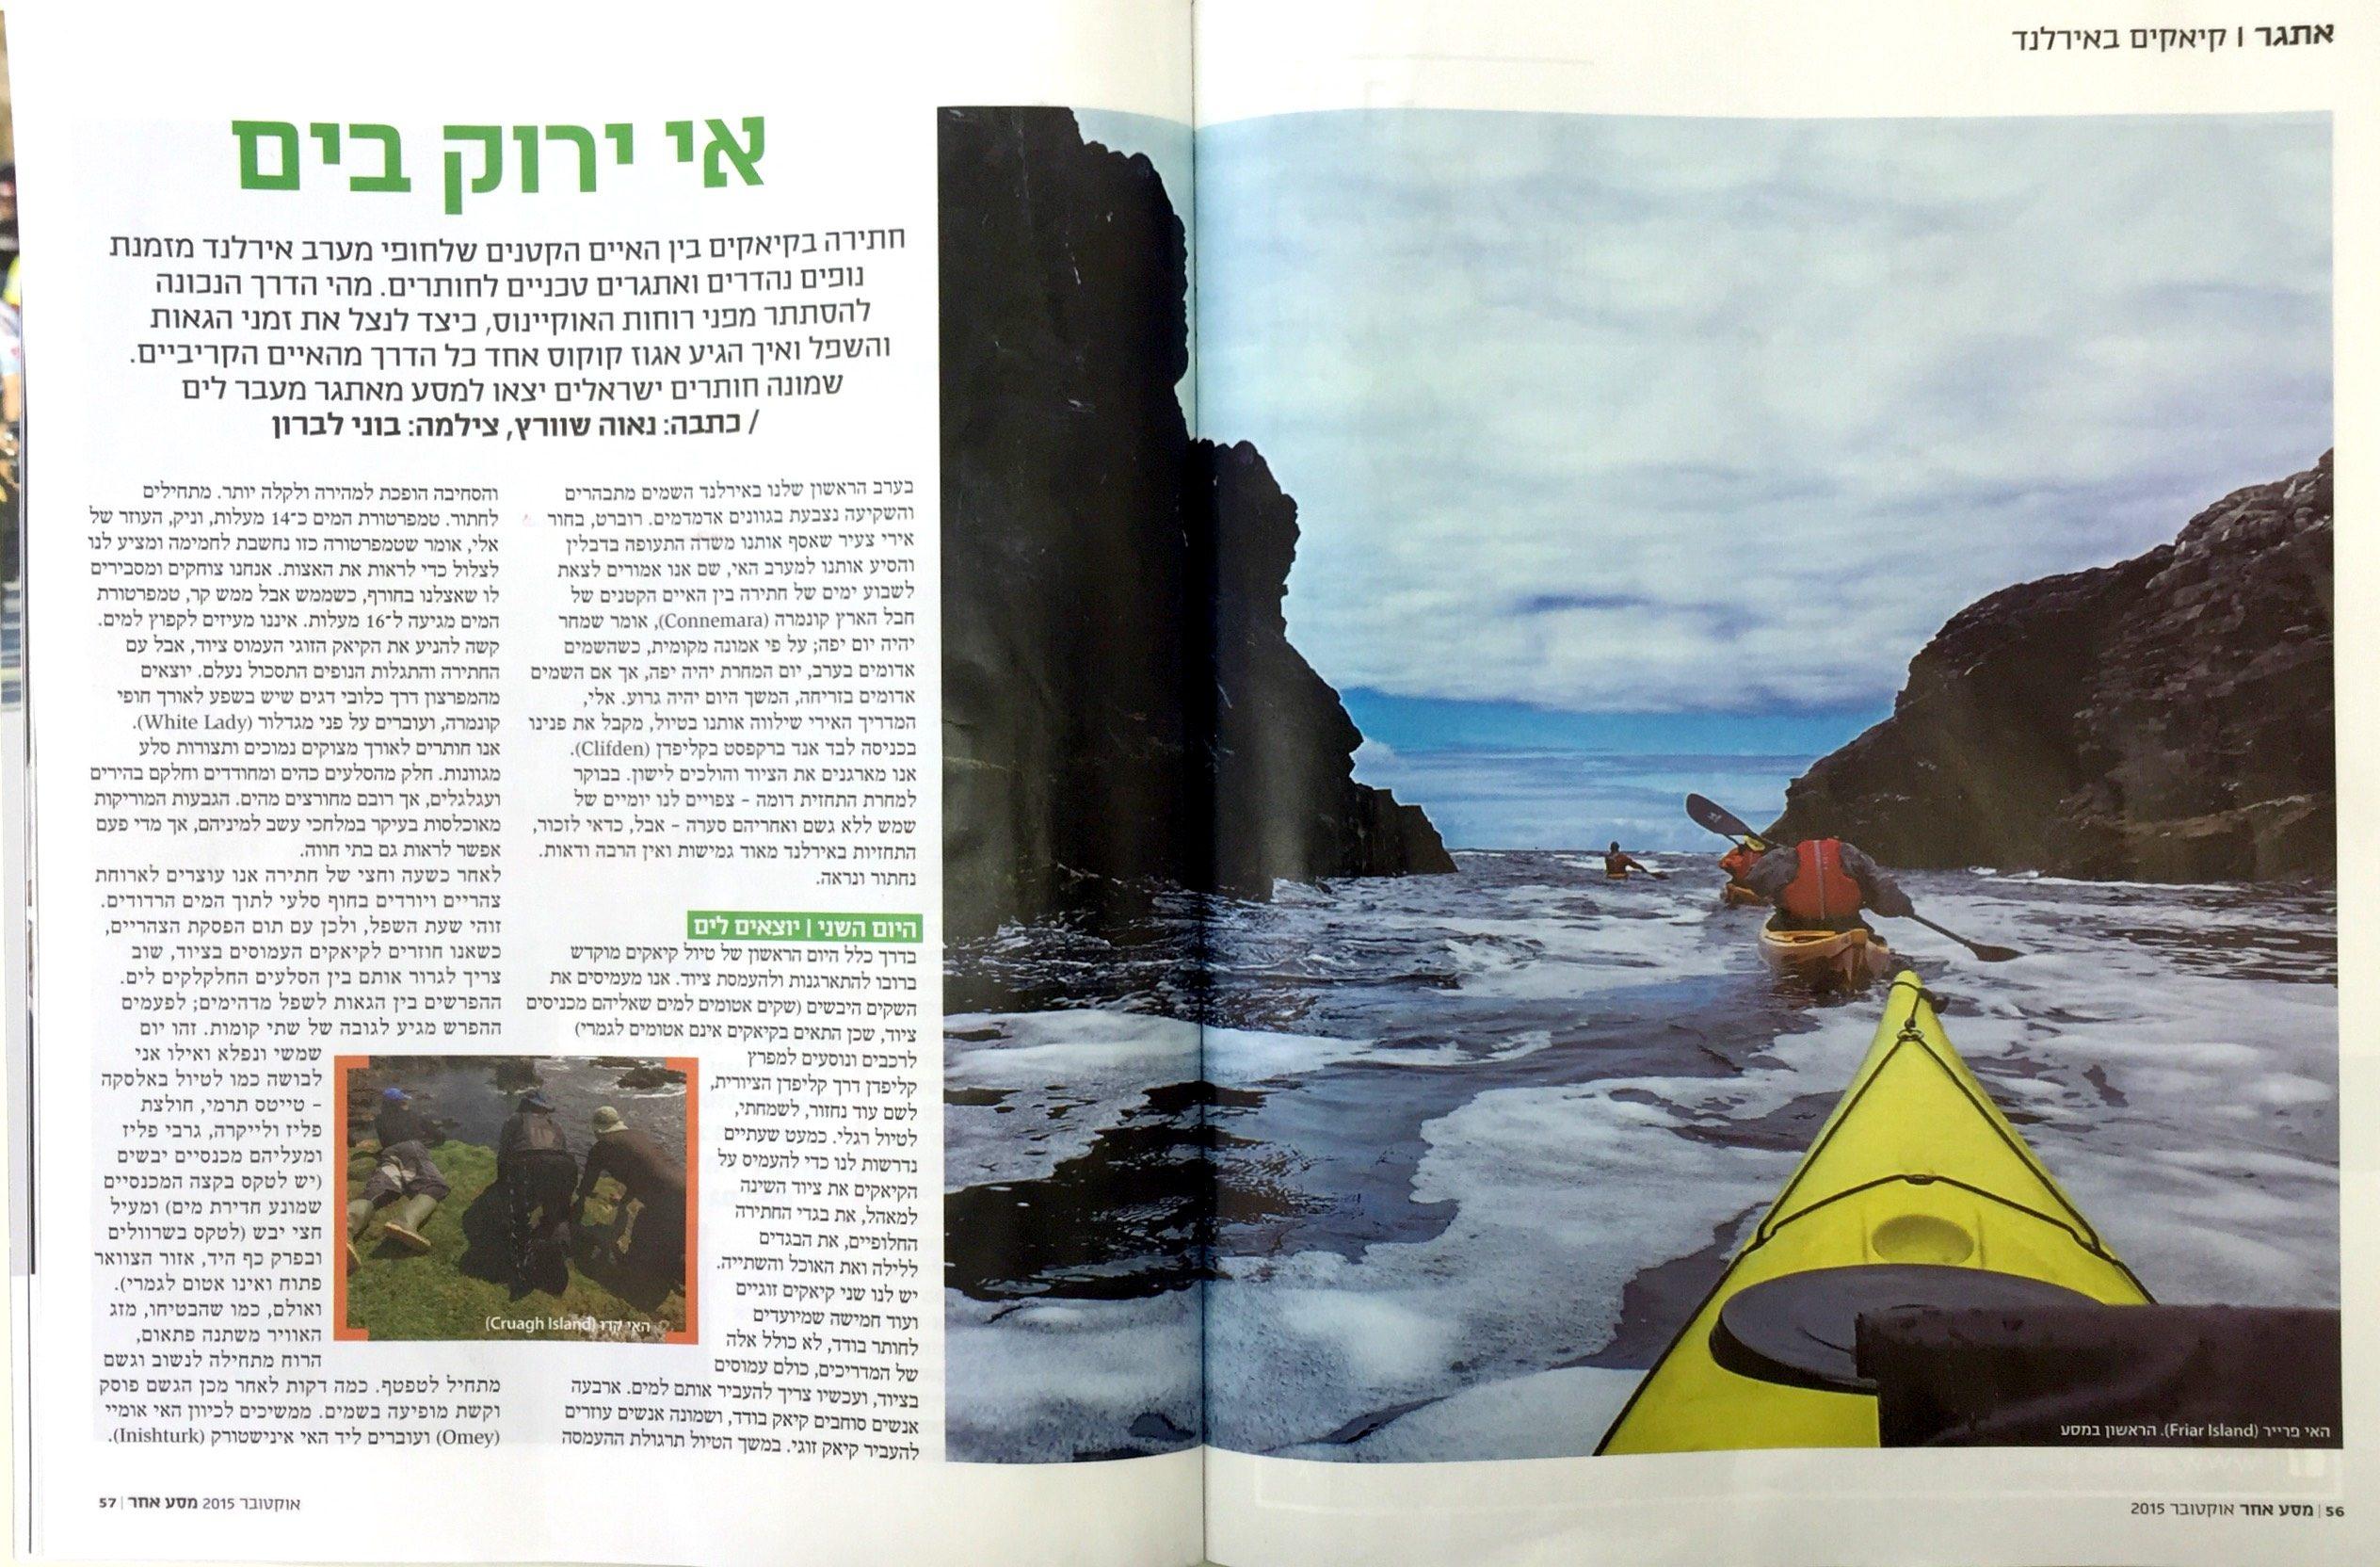 כתבה במגזין מסע אחר, עם תמונות מסע קיאקים